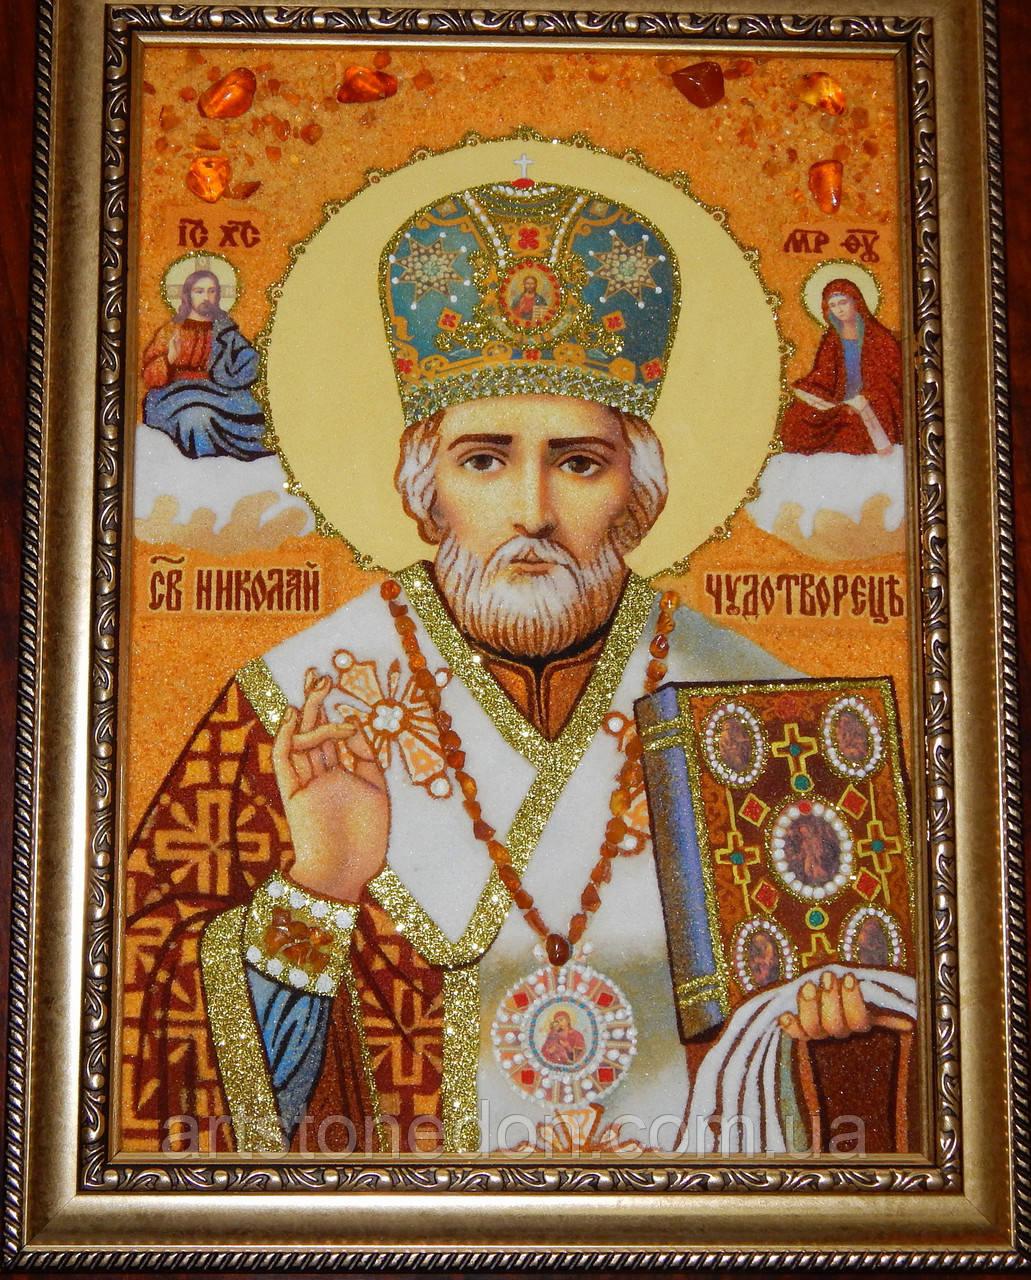 Картины и иконы из янтаря. Икона из янтаря Святой Николай Чудотворец